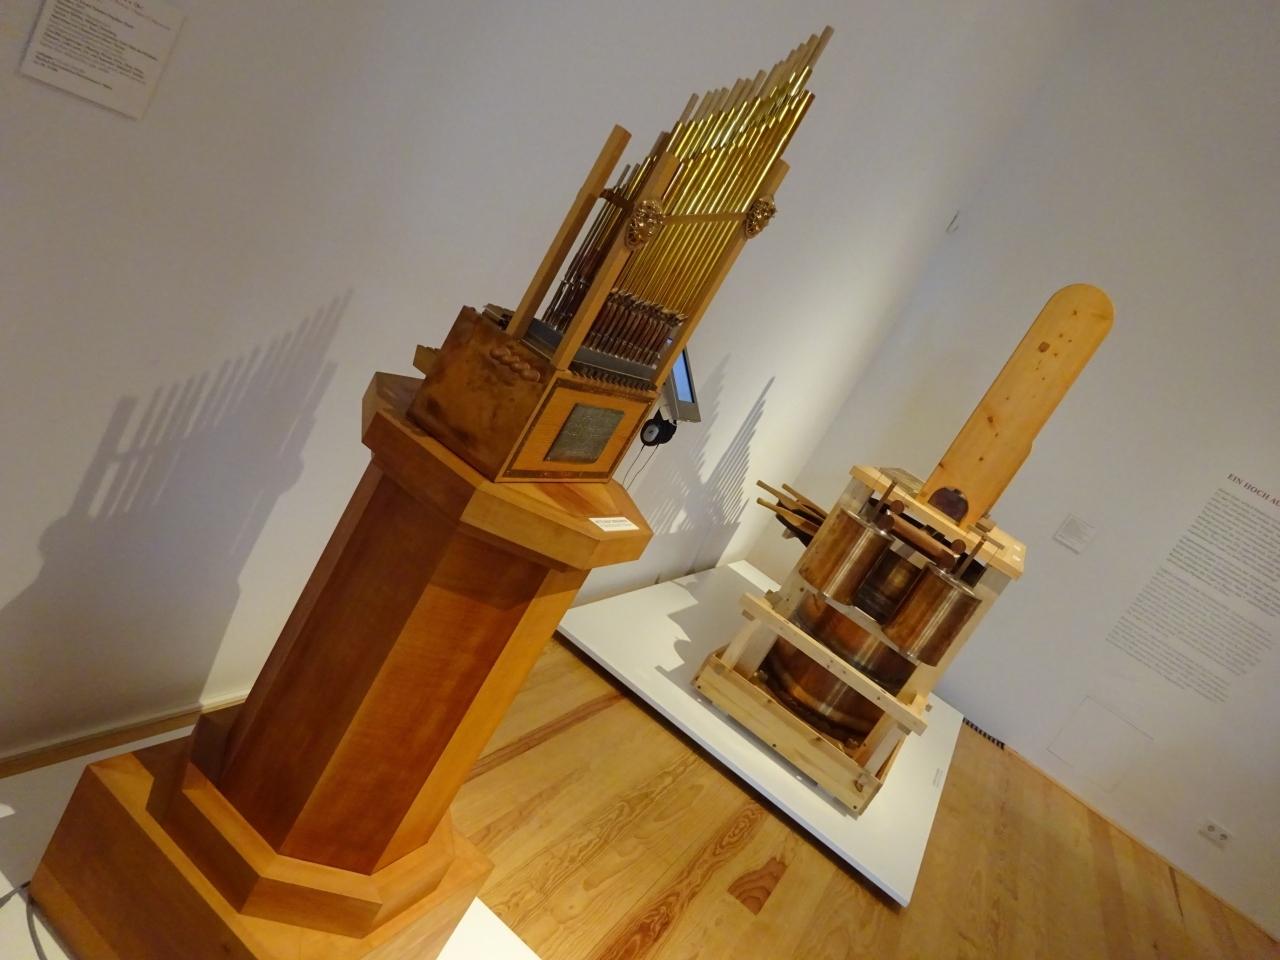 美術工芸博物館  楽器のコレクションが豊富